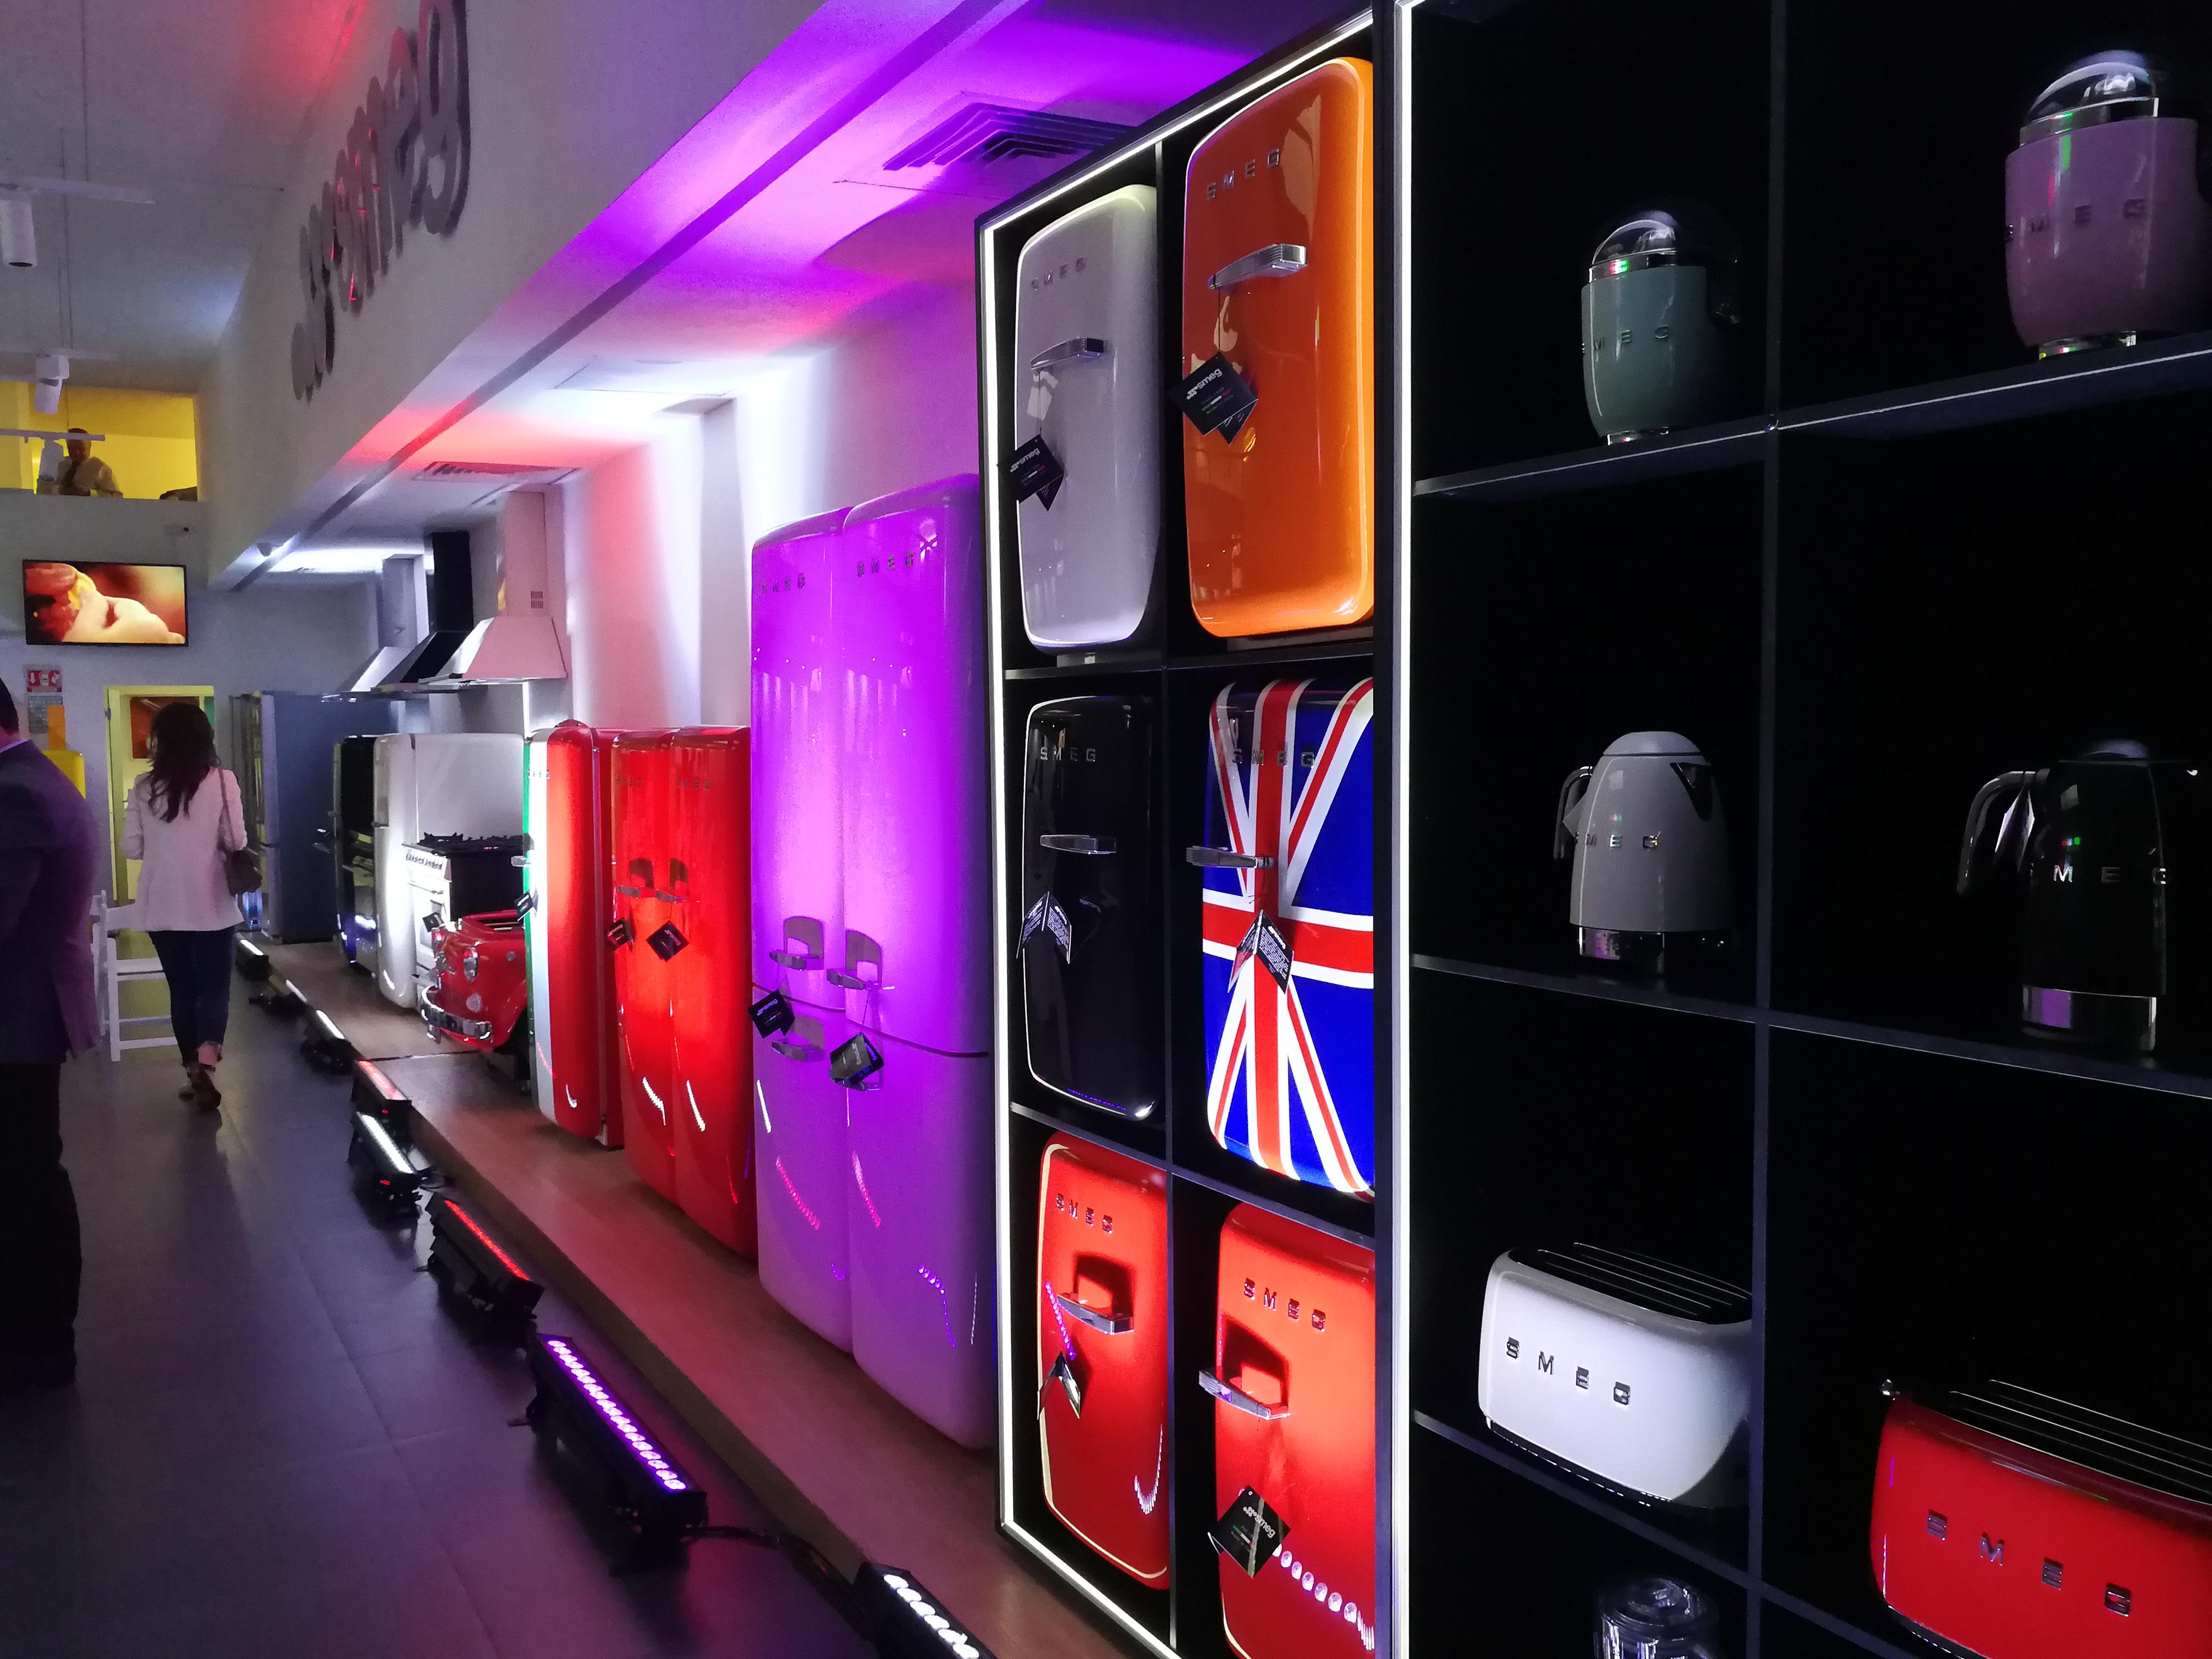 Smeg inaugura showroom en la Ciudad de México